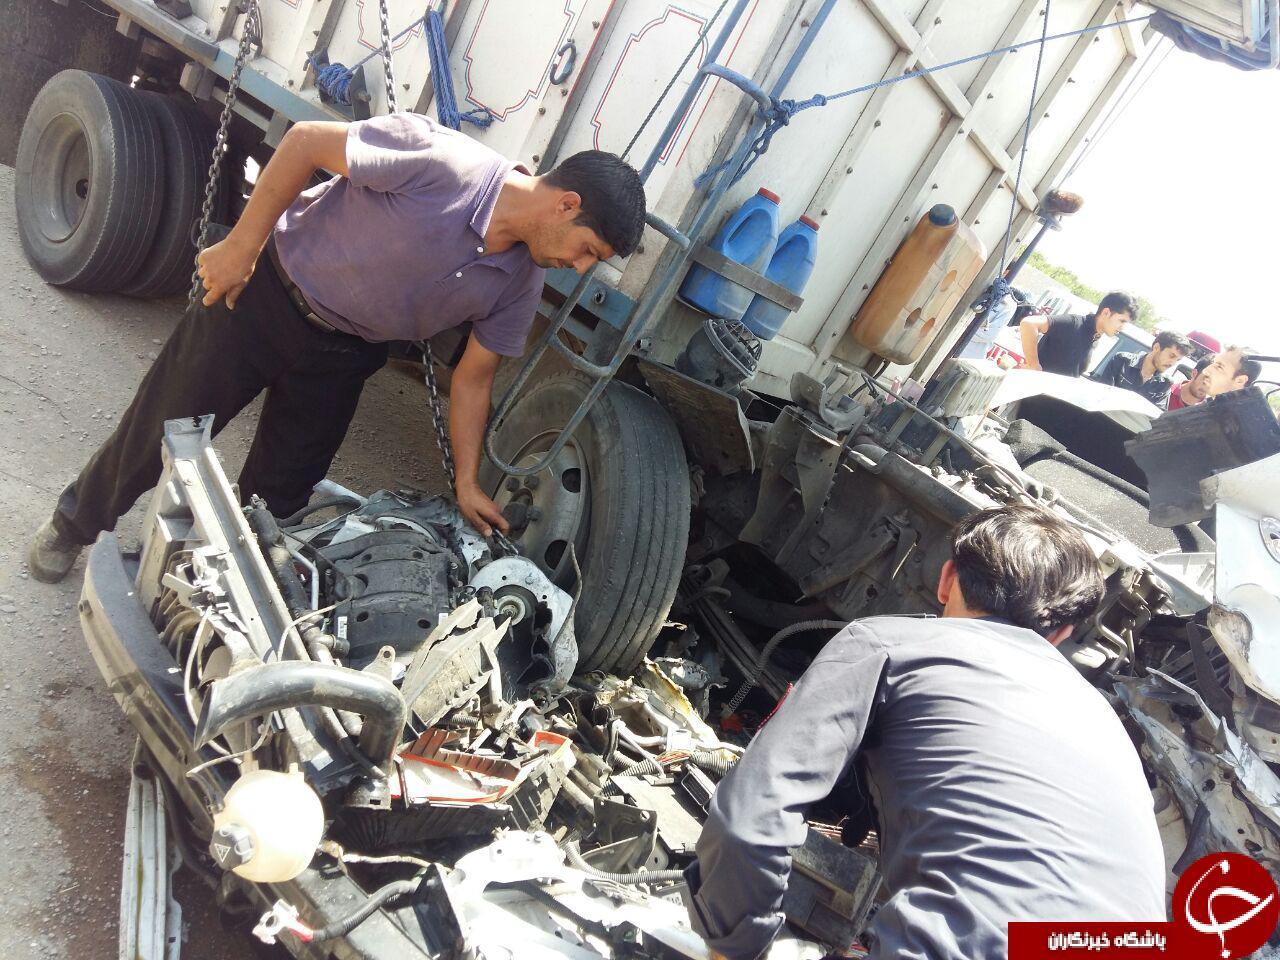 تکرار تصادف مرگبار در اتوبان شهید کاظمی